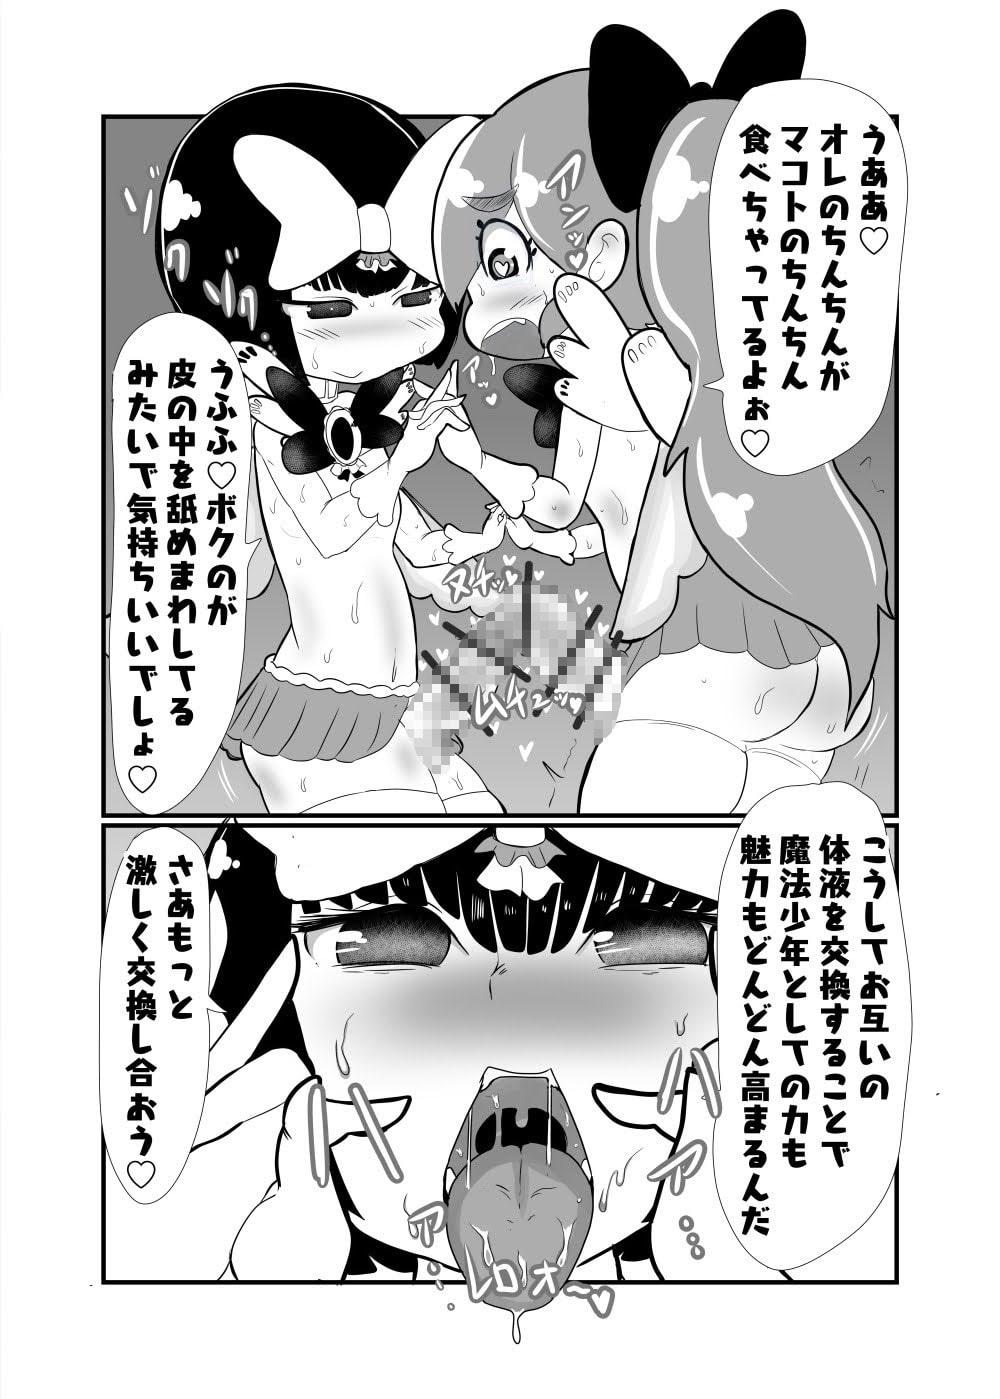 RJ337605 魔法少年が儀式とかいいつつ尿道ファックする話 [20210803]